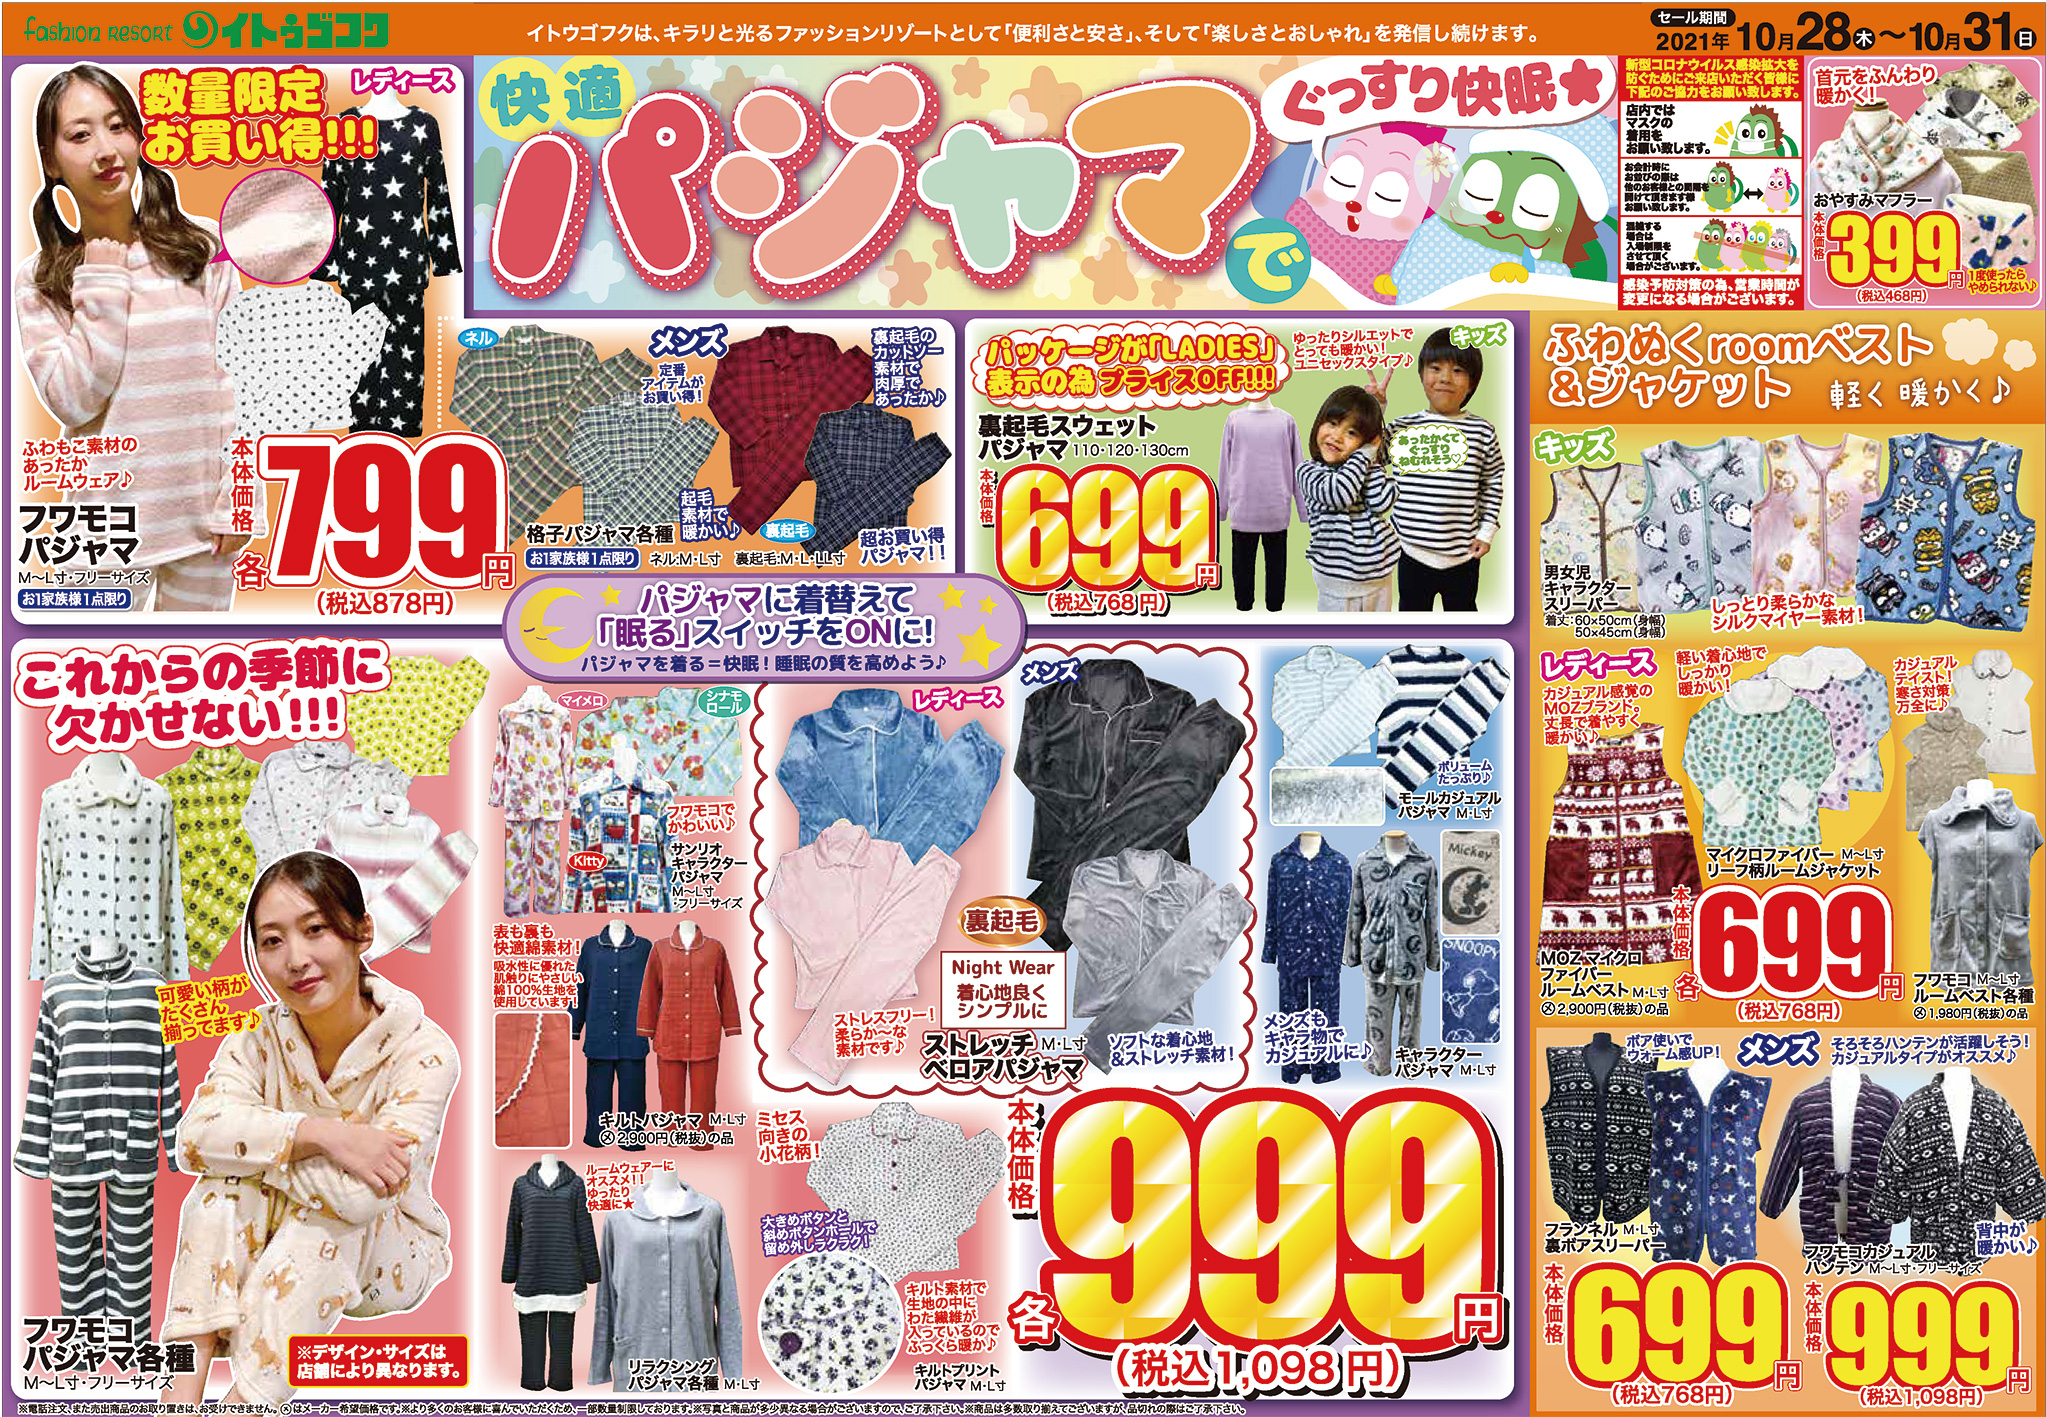 10月28日(木)〜31日(日)「快適パジャマでぐっすり快眠♪」